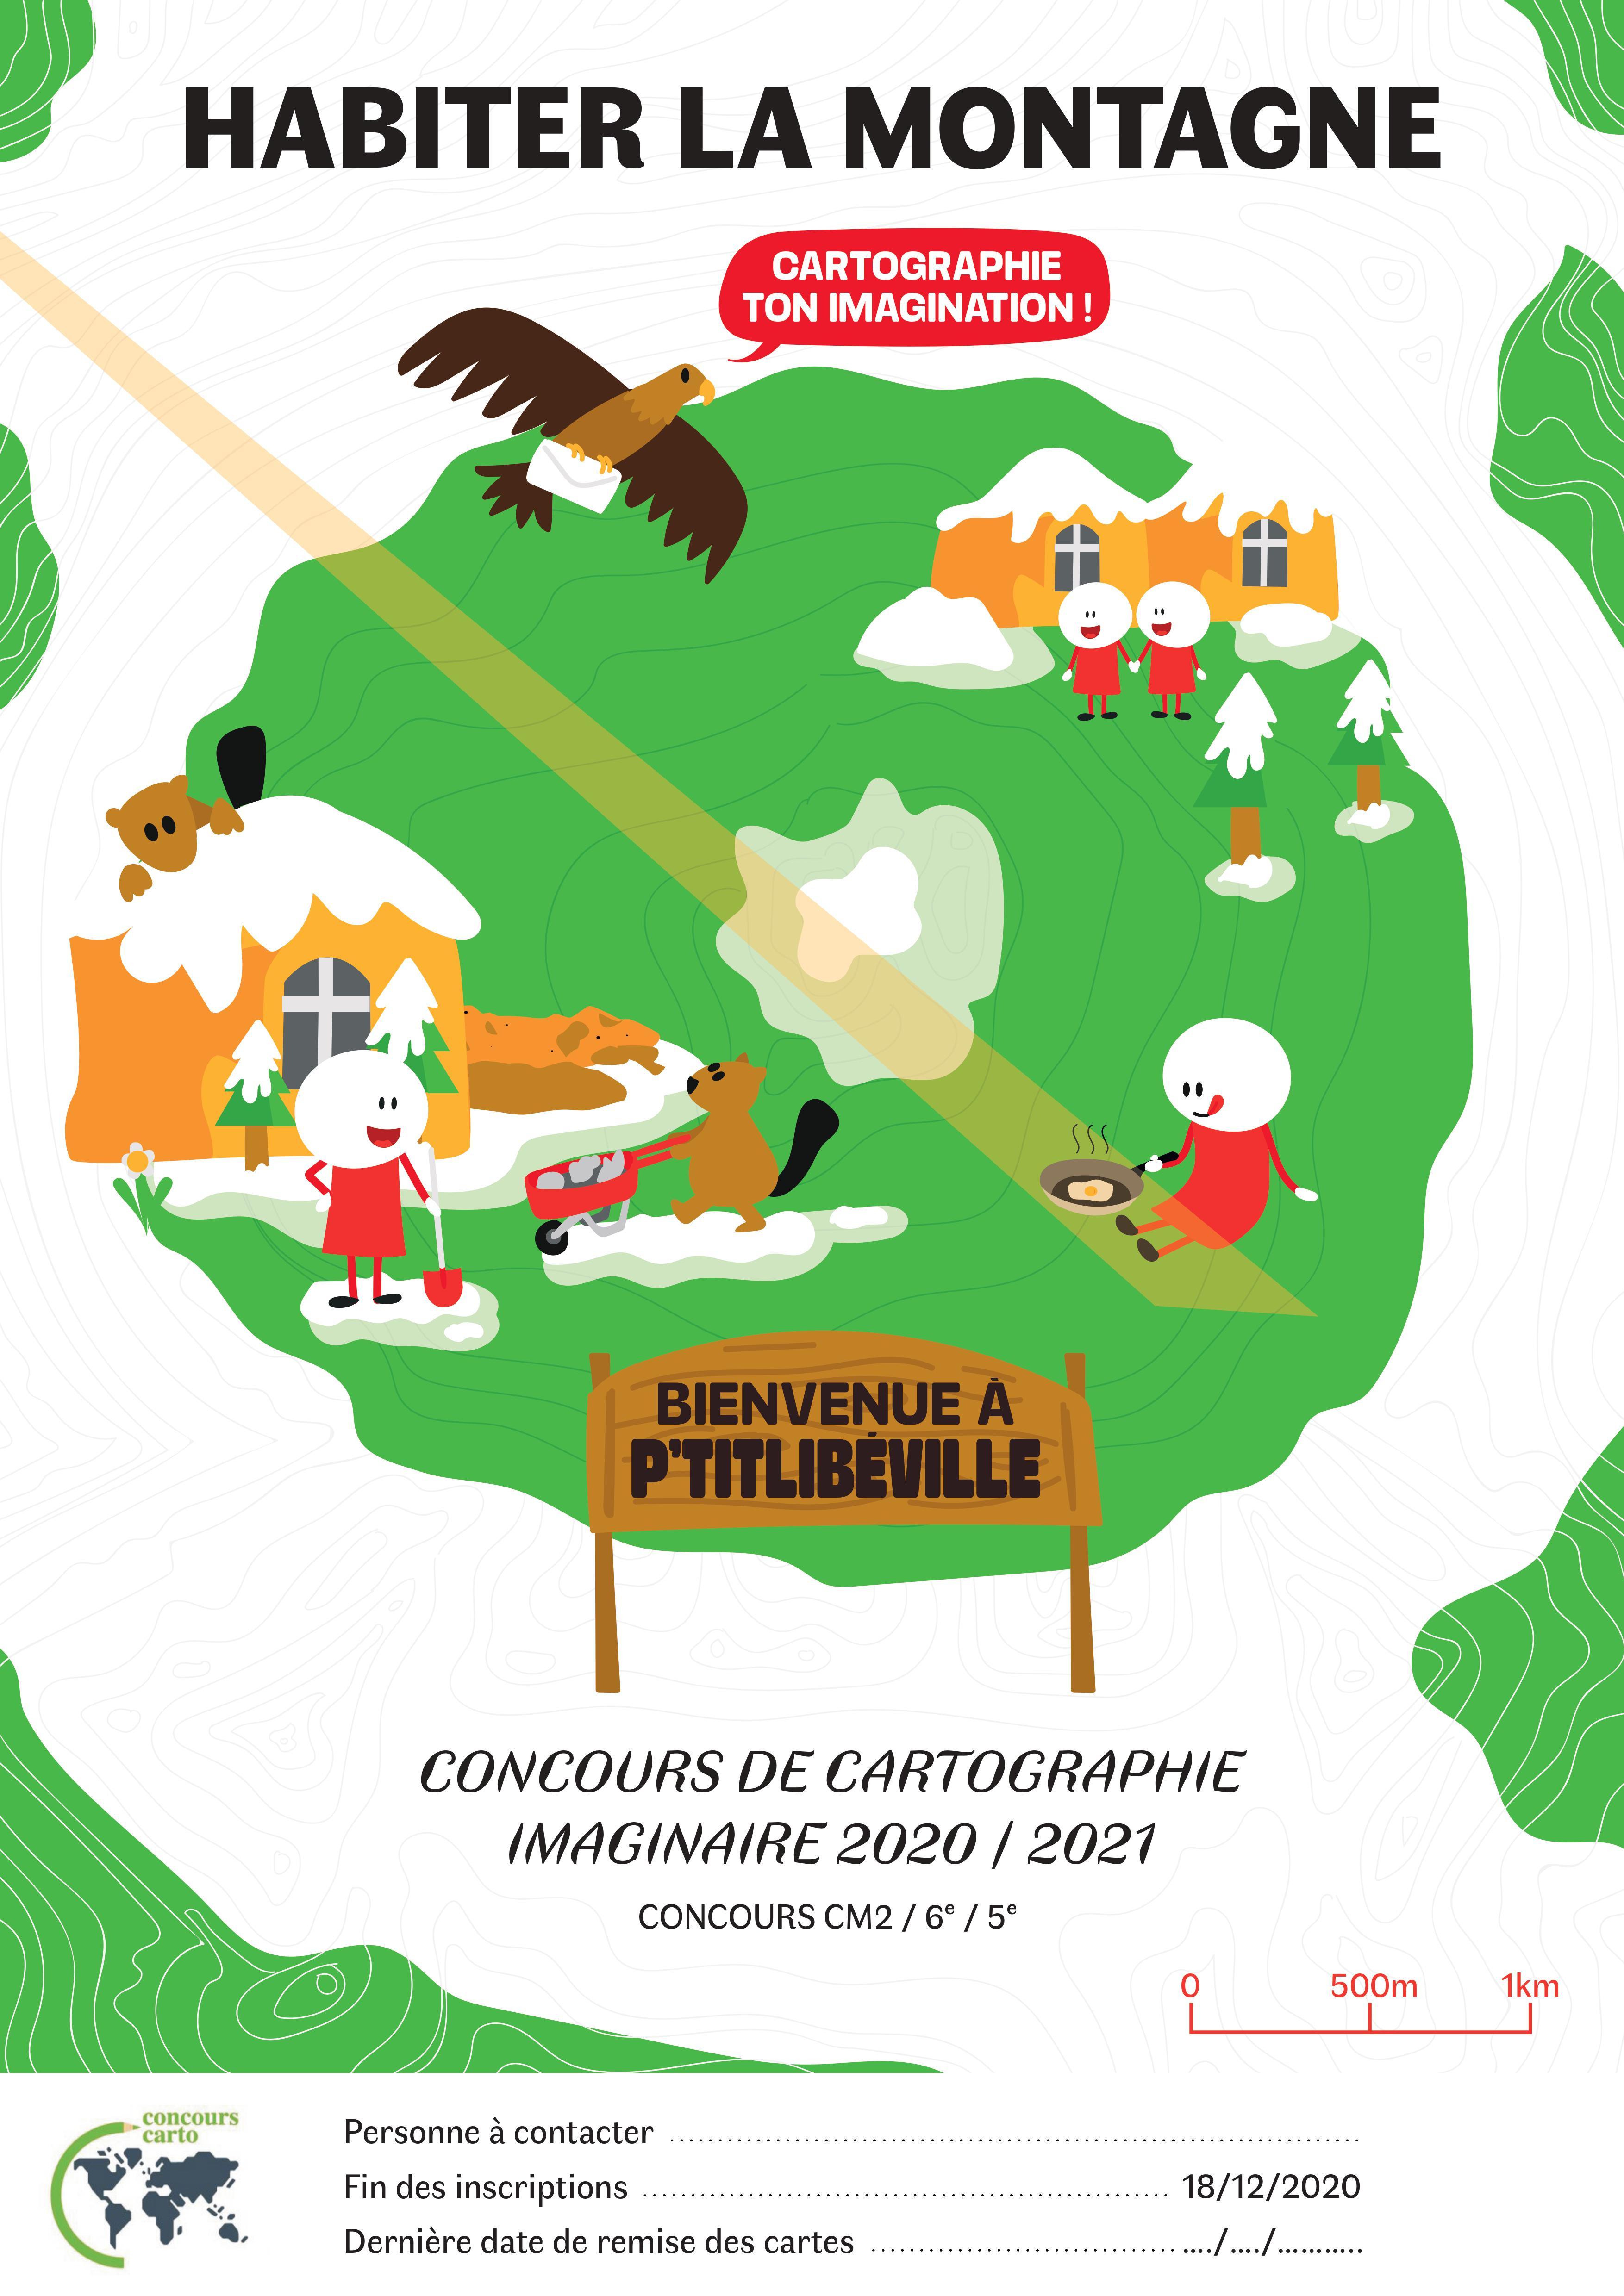 Concours de cartographie, édition 2021 — Géoconfluences